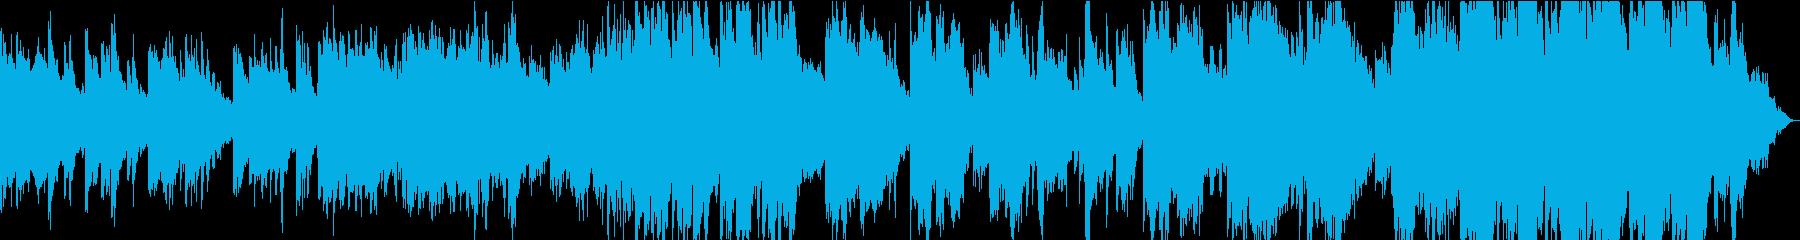 緑豊かな音と大気の溝は、この上品な...の再生済みの波形